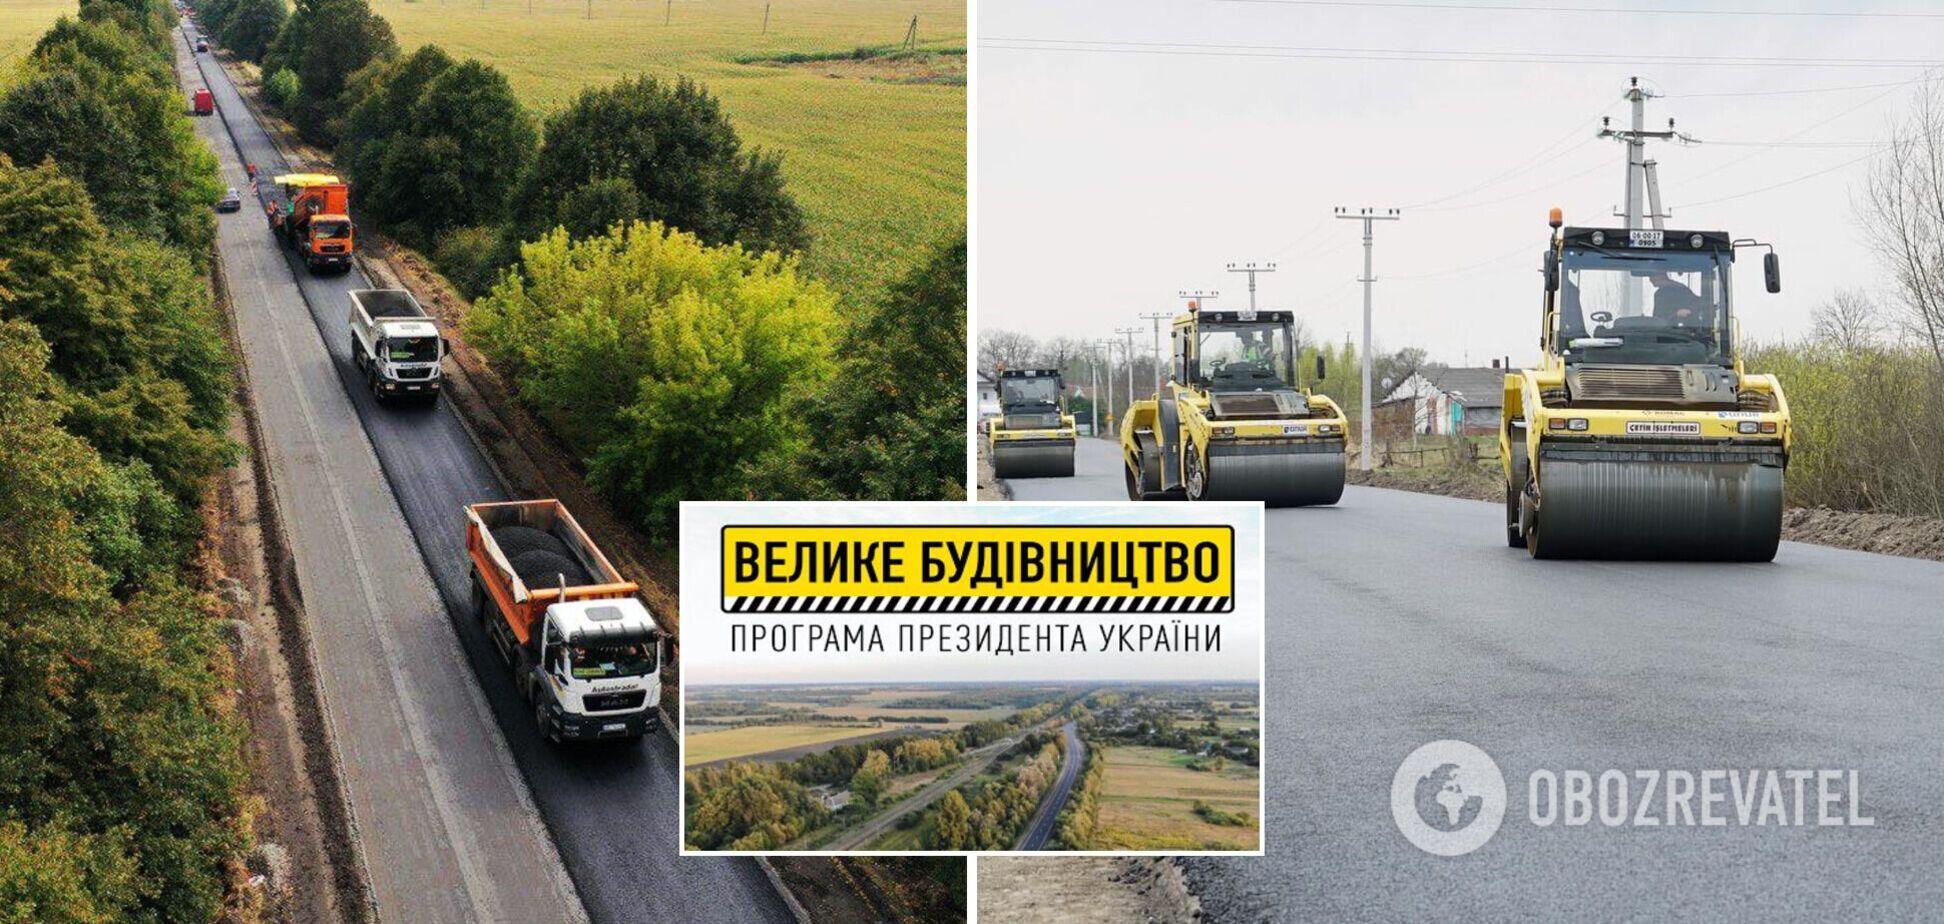 С 2022 года текущего среднего ремонта на дорогах Украины больше не будет – Укравтодор